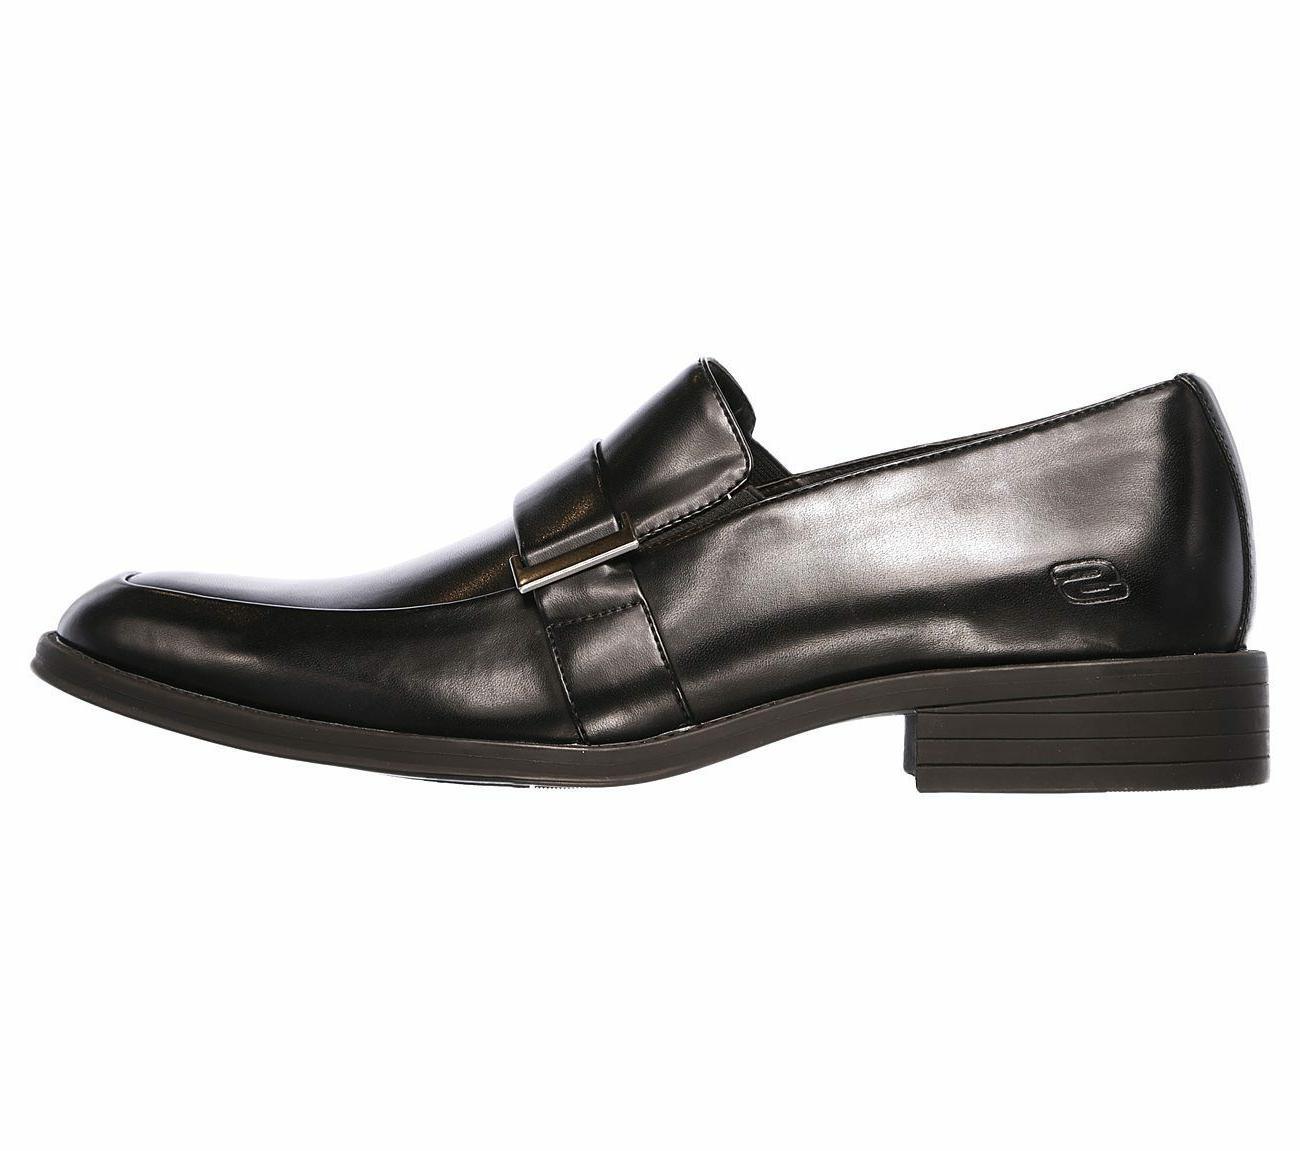 65541 Skechers Men Soft Leather Loafer